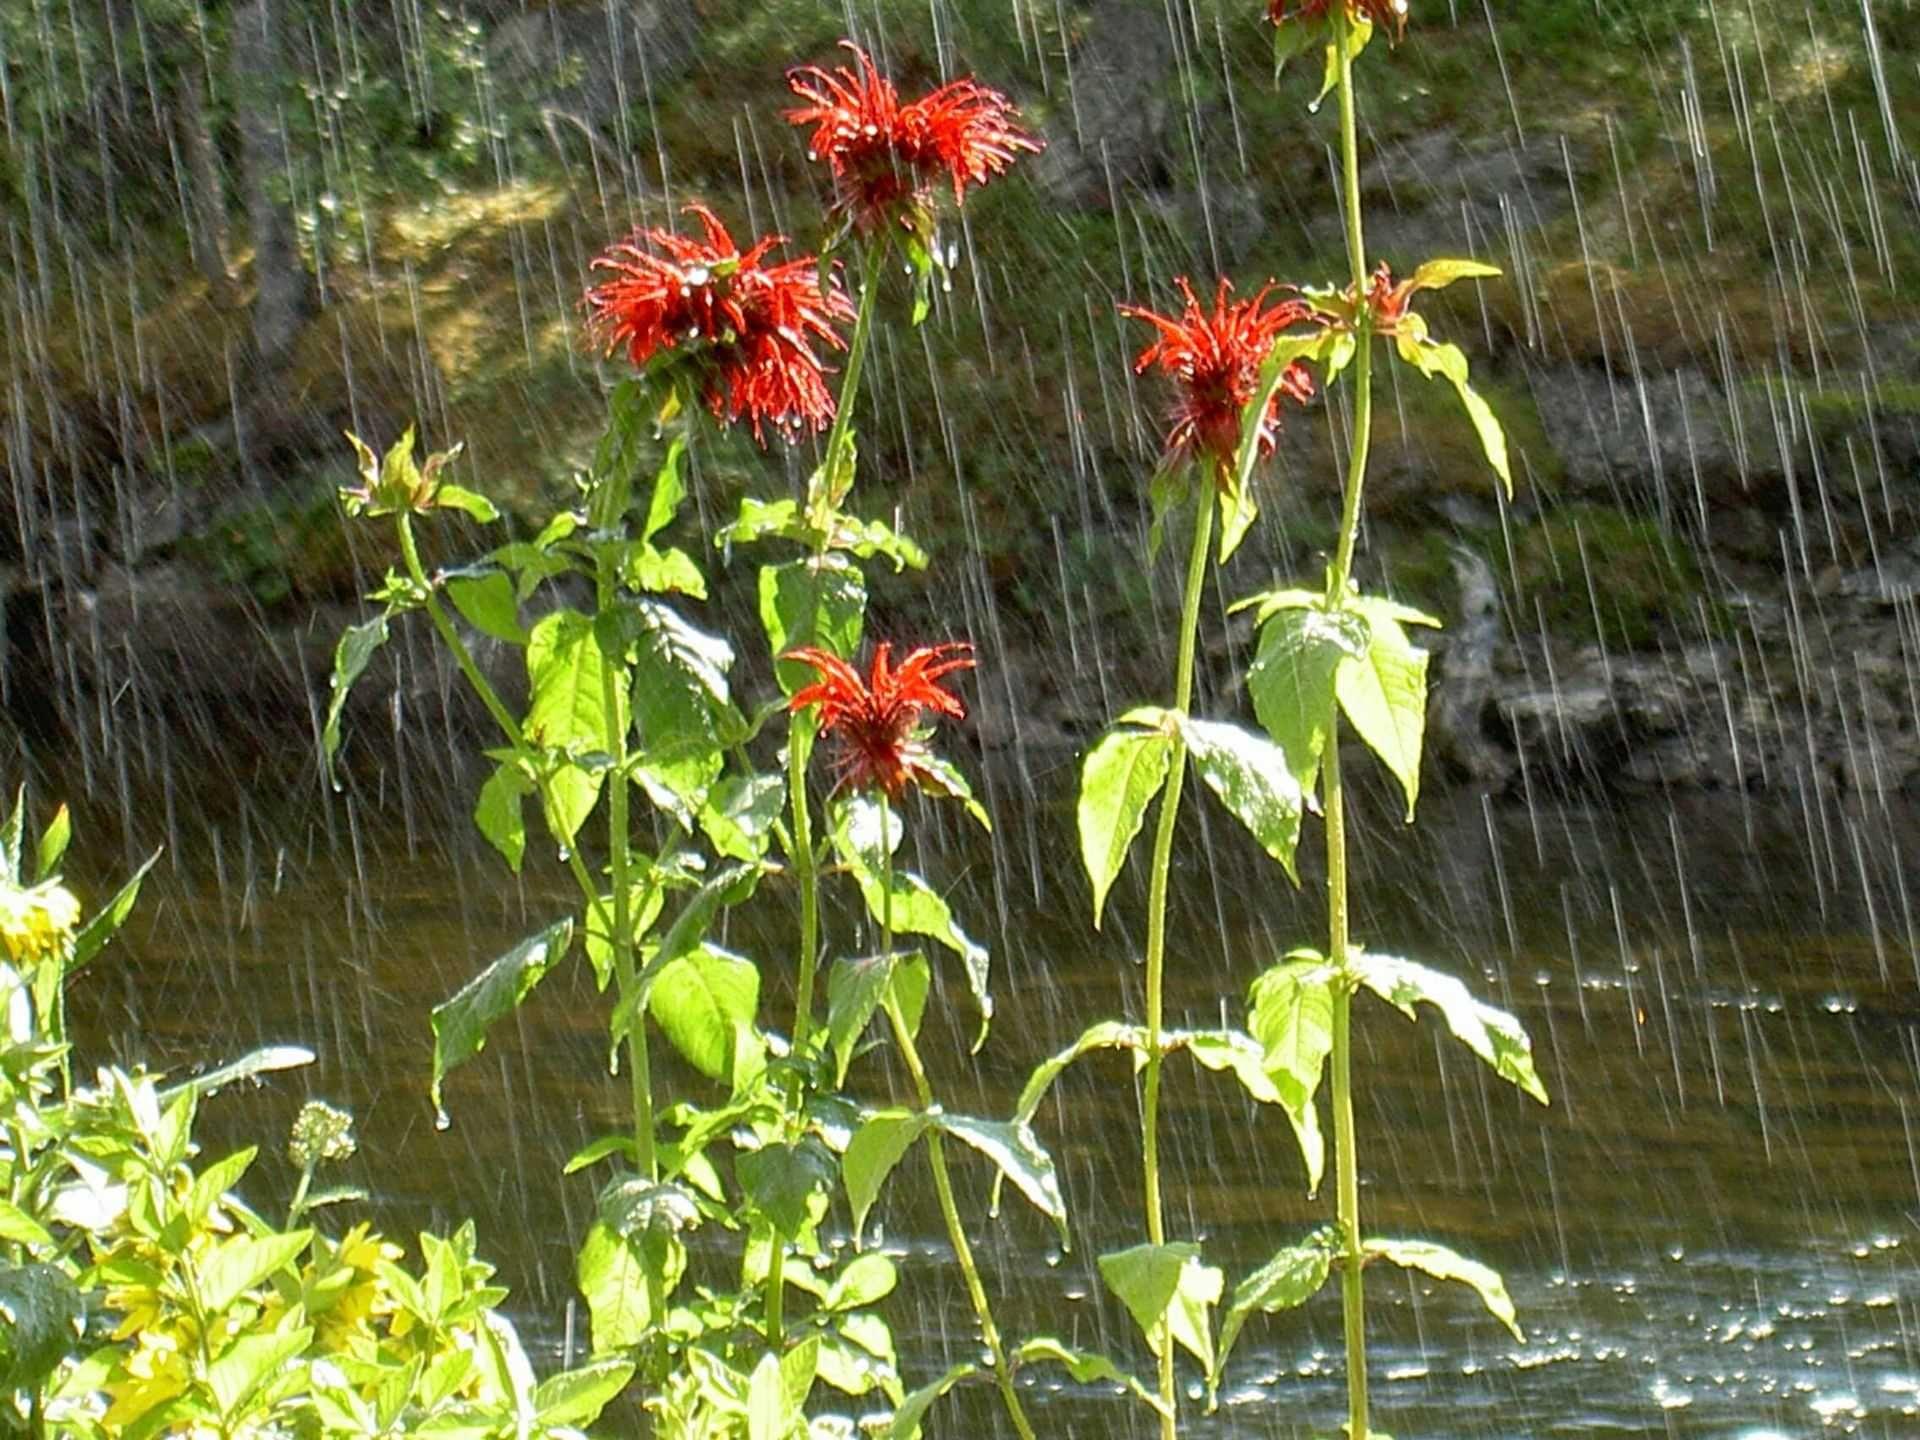 Stilla Dagar, glittrande sommarregn på blommorna vid ån i Rötviken. Foto © Maritha Grelsson